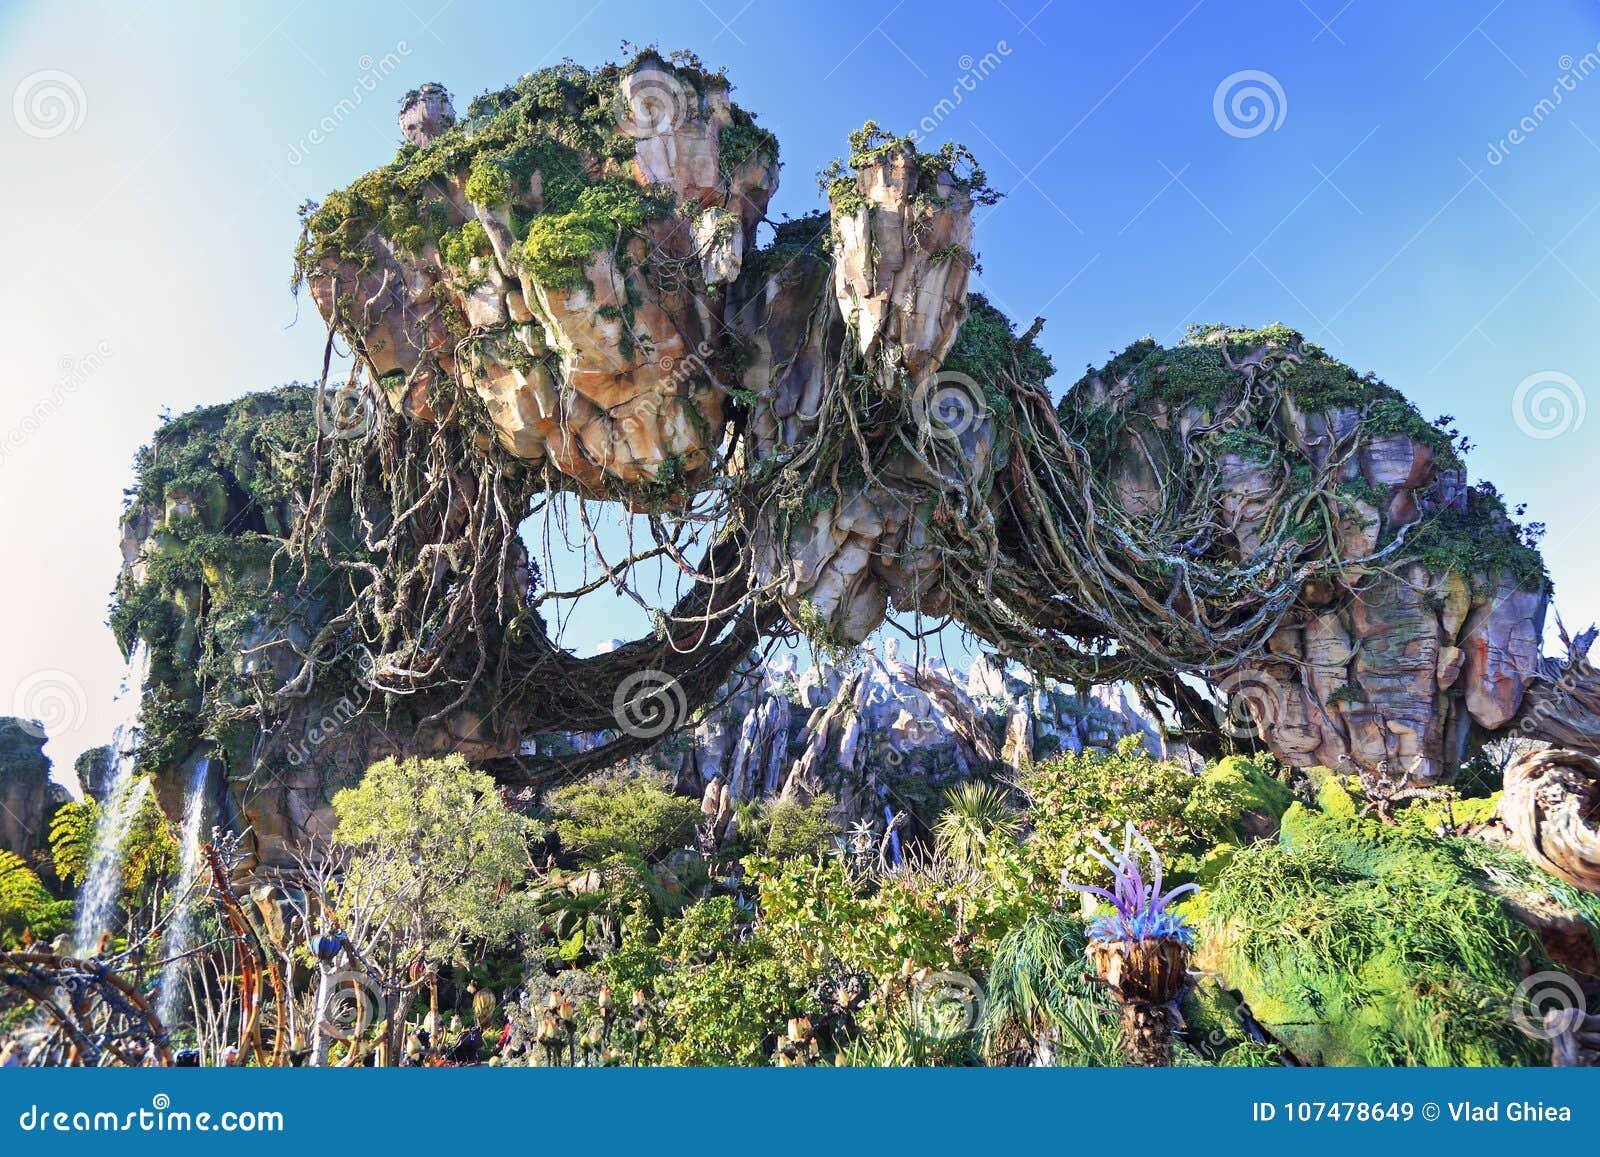 Montagne di galleggiamento in Pandora, terra dell avatar, regno animale, Walt Disney World, Orlando, Florida